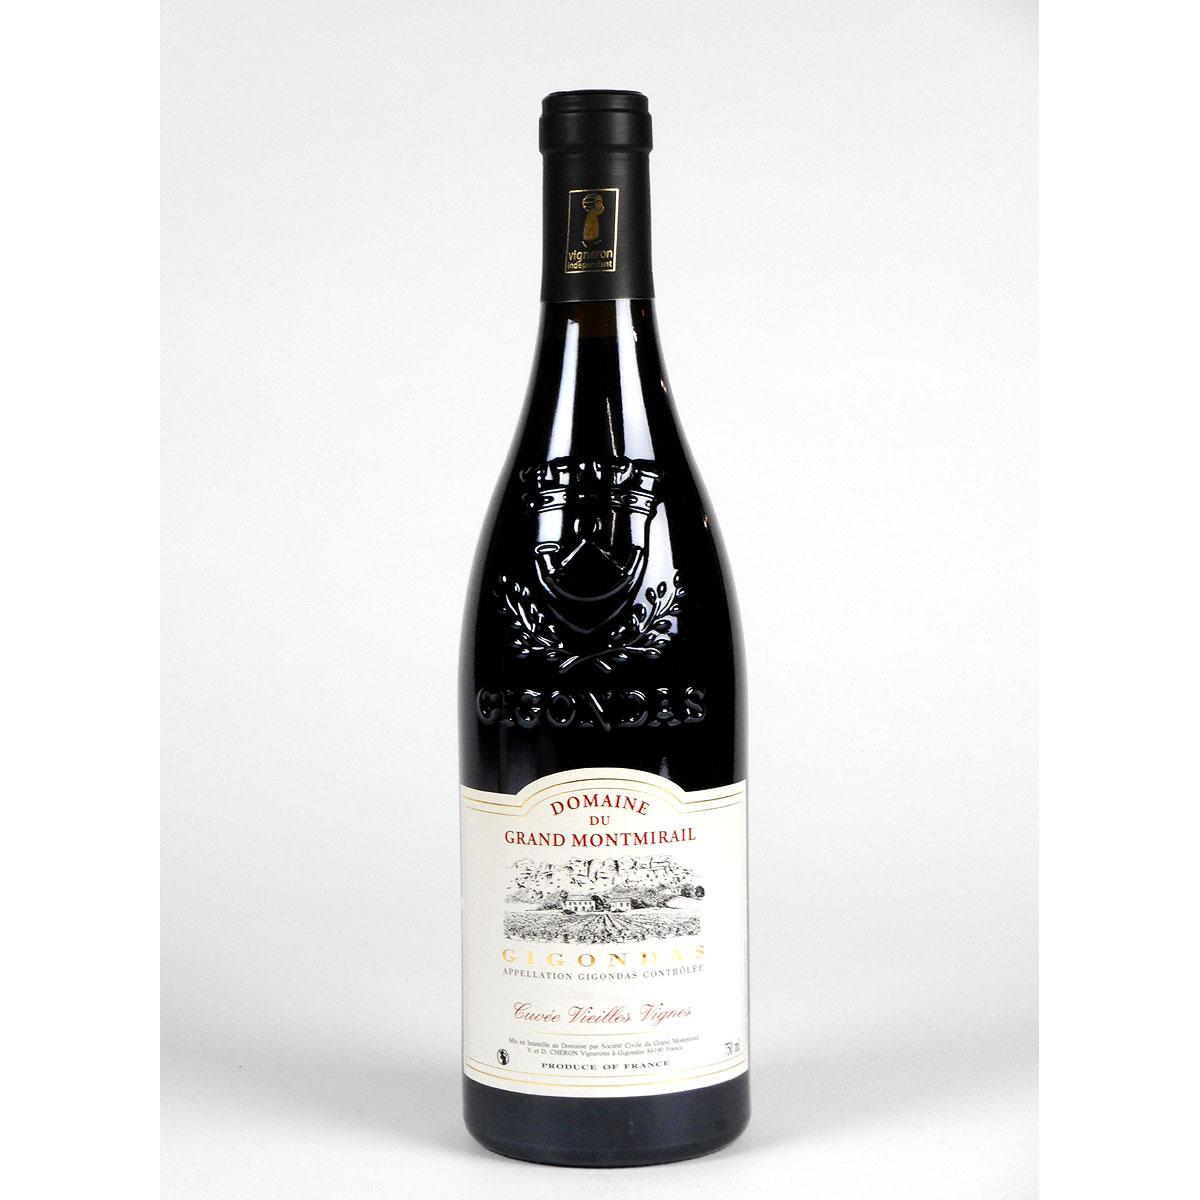 Gigondas: Domaine du Grand Montmirail 'Vieilles Vignes' 2018 - Bottle